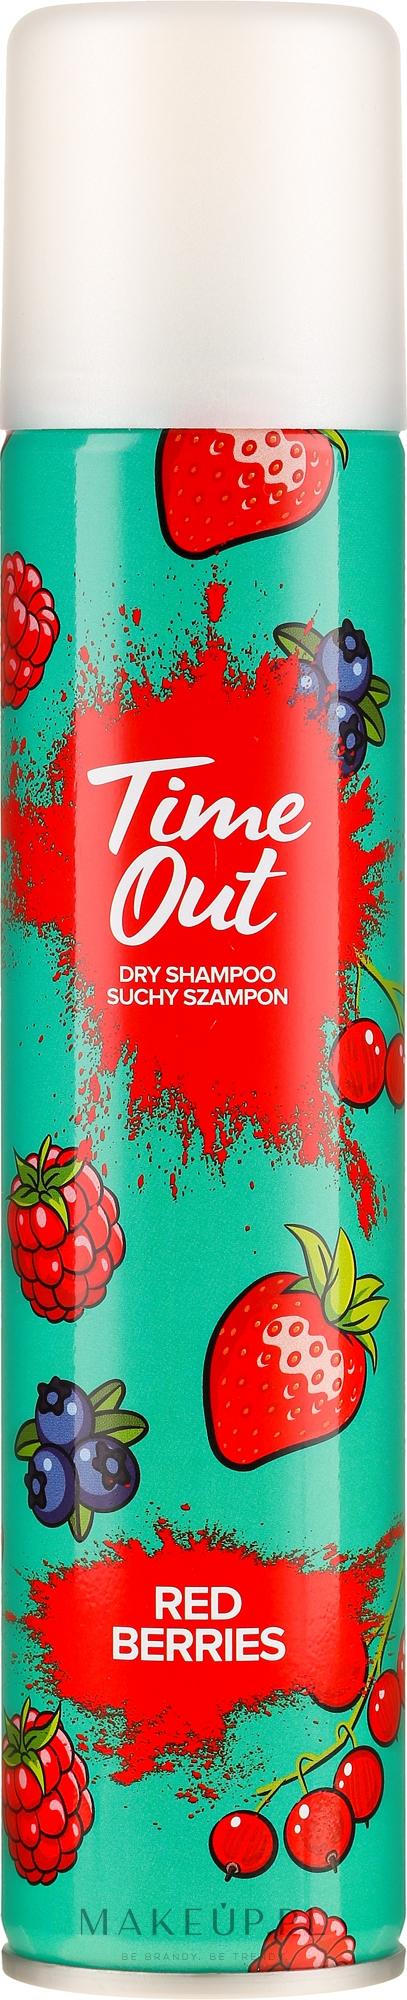 Suchy szampon do włosów Czerwone jagody - Time Out Red Berries — фото 200 ml